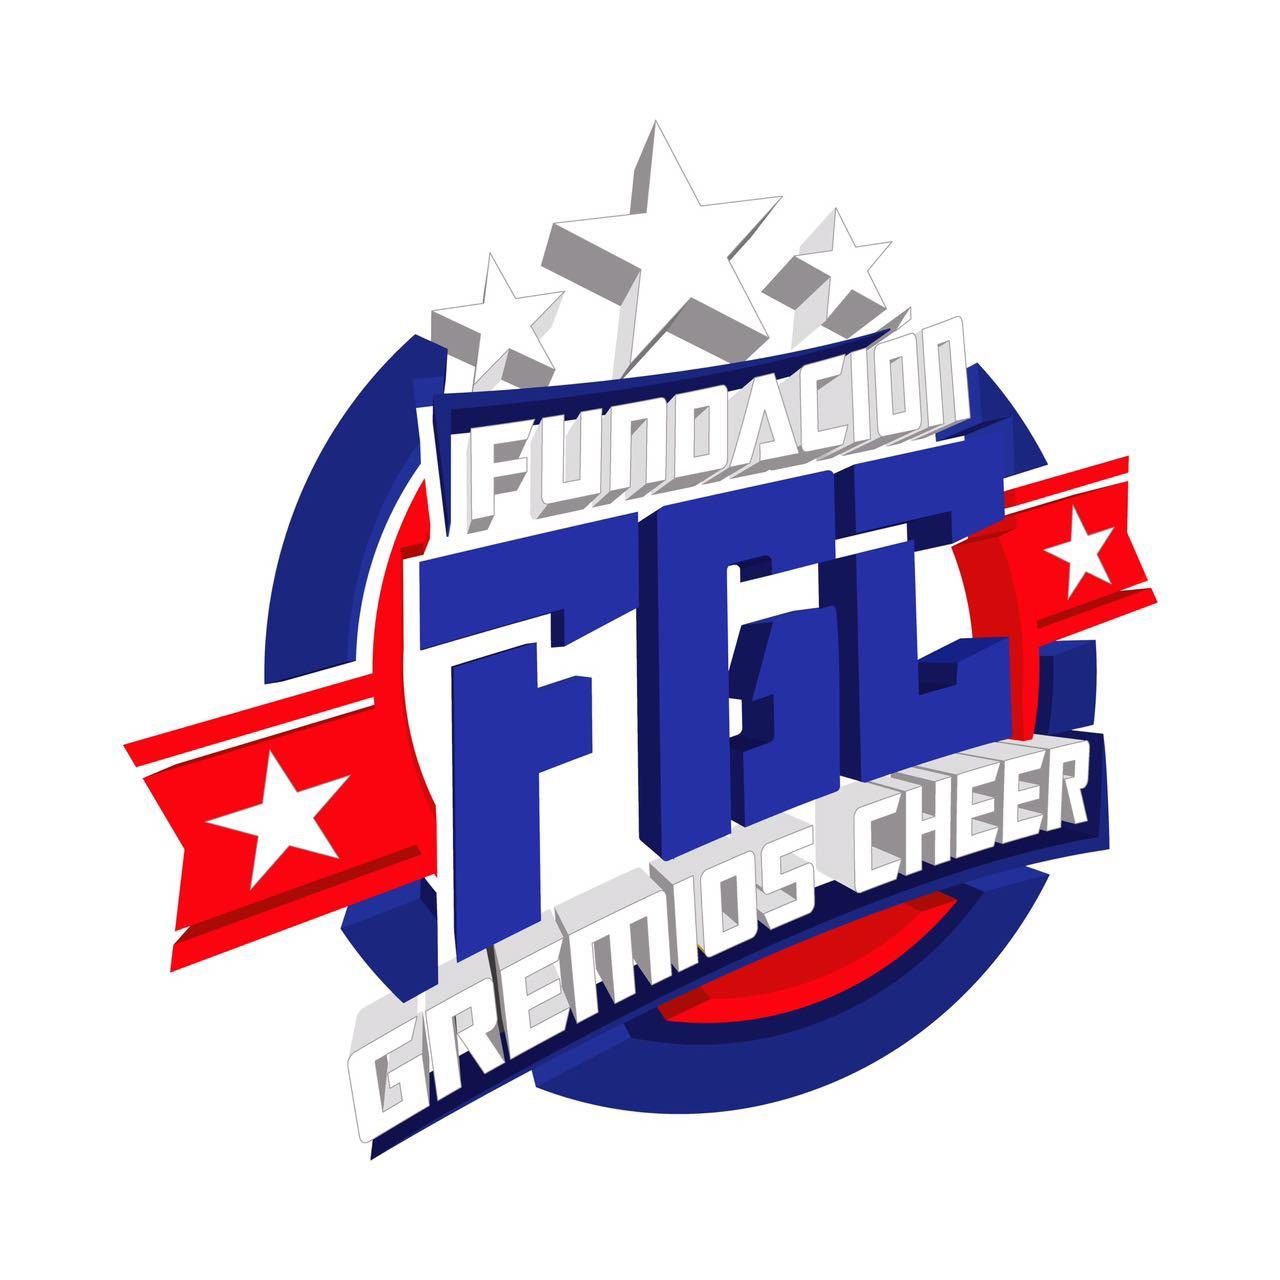 Fundación Gremios Cheer